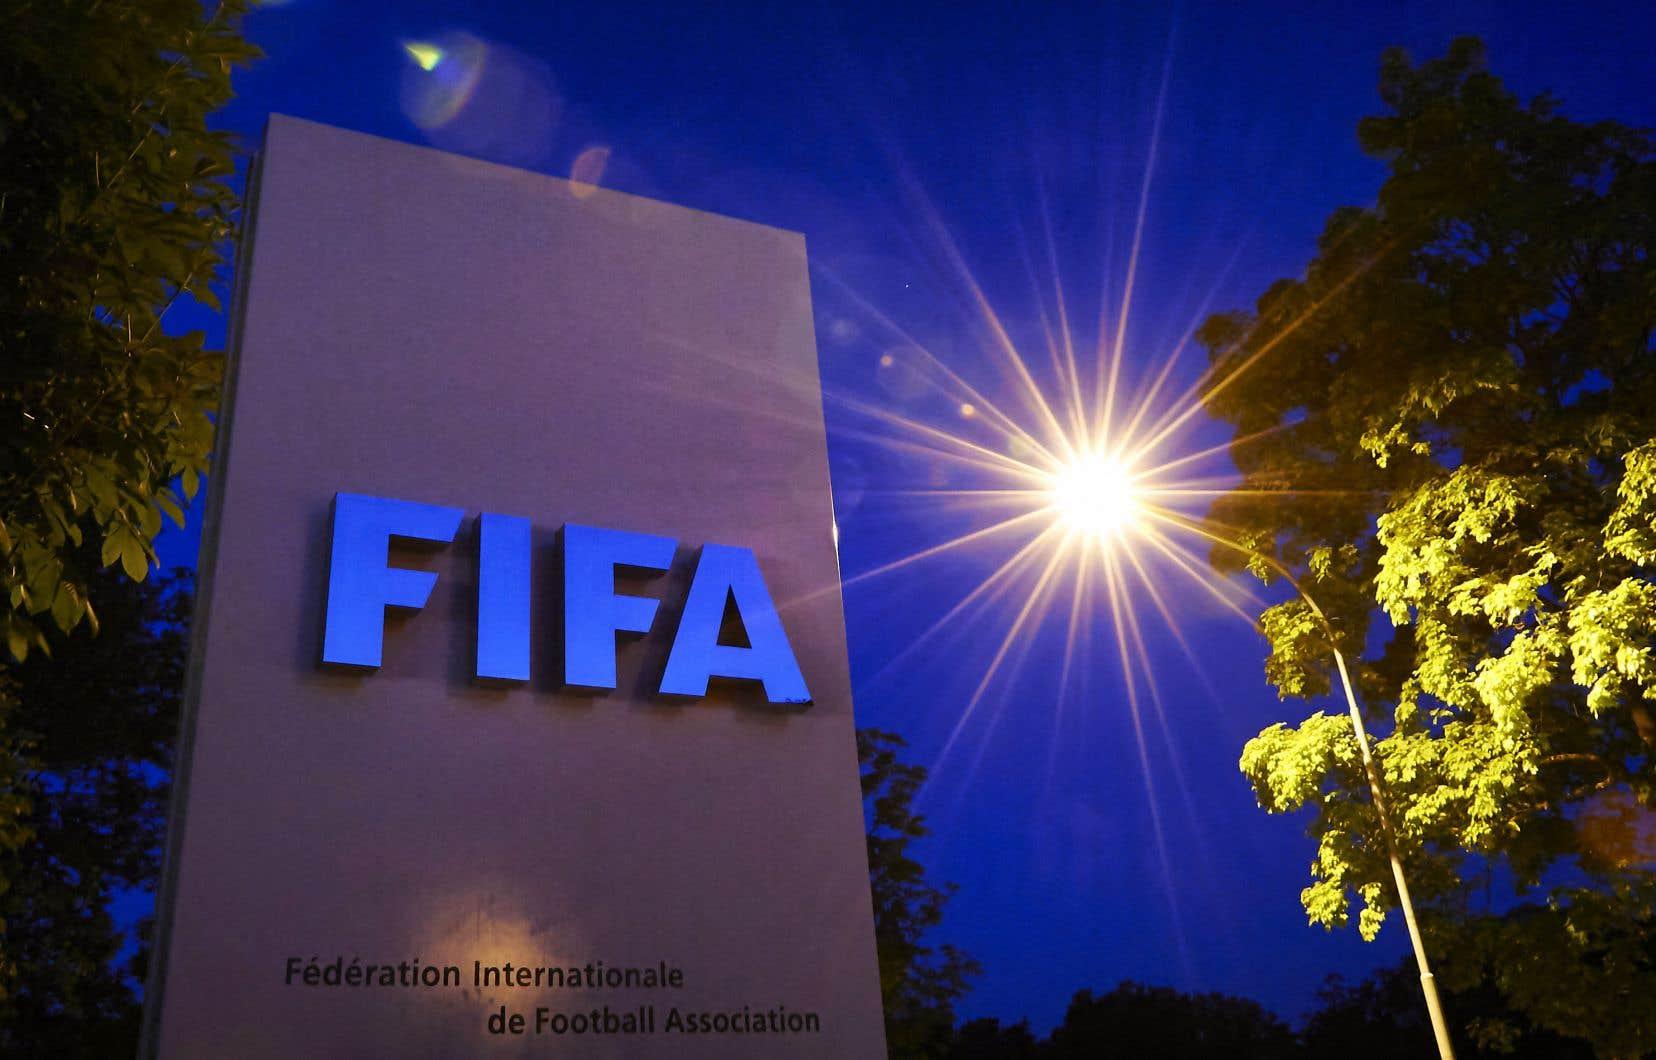 La FIFA soutient que les Coupes du monde biennales donneront à plus de joueurs et d'équipes l'occasion de participer à des matchs importants.